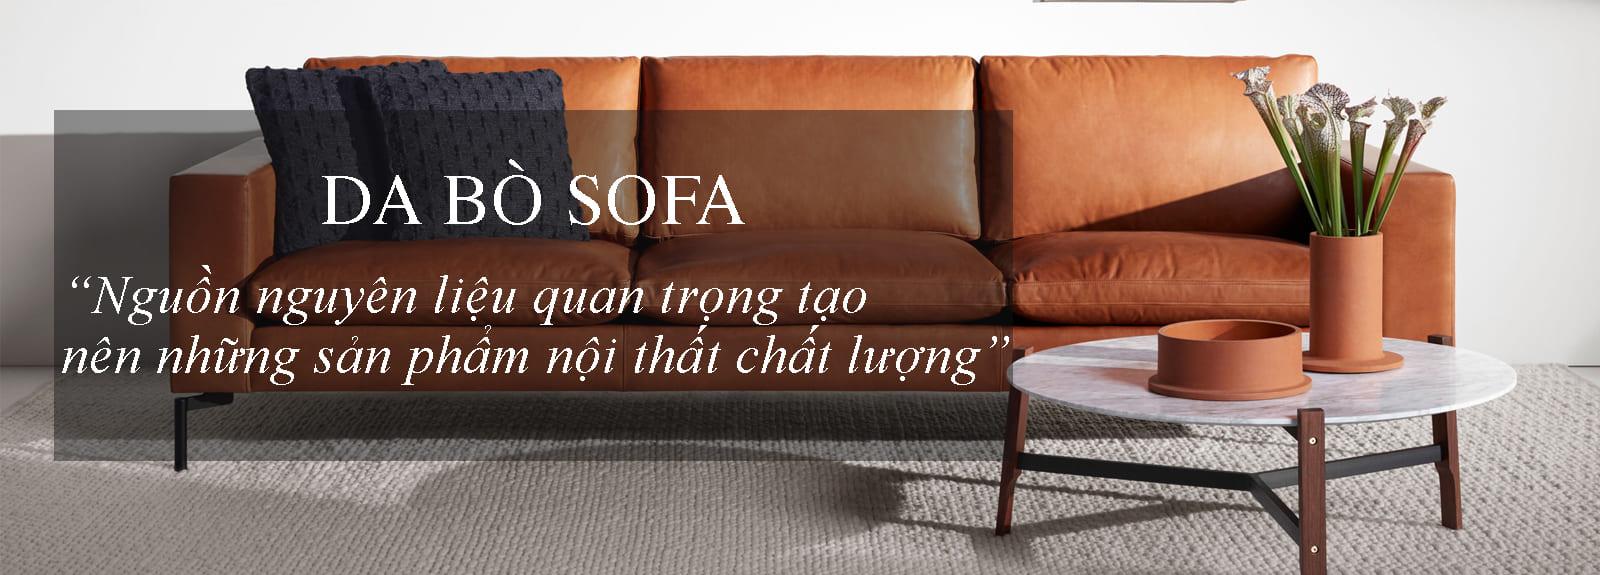 Da bò sofa nhập khẩu có đầy đủ chứng nhận CO, CQ